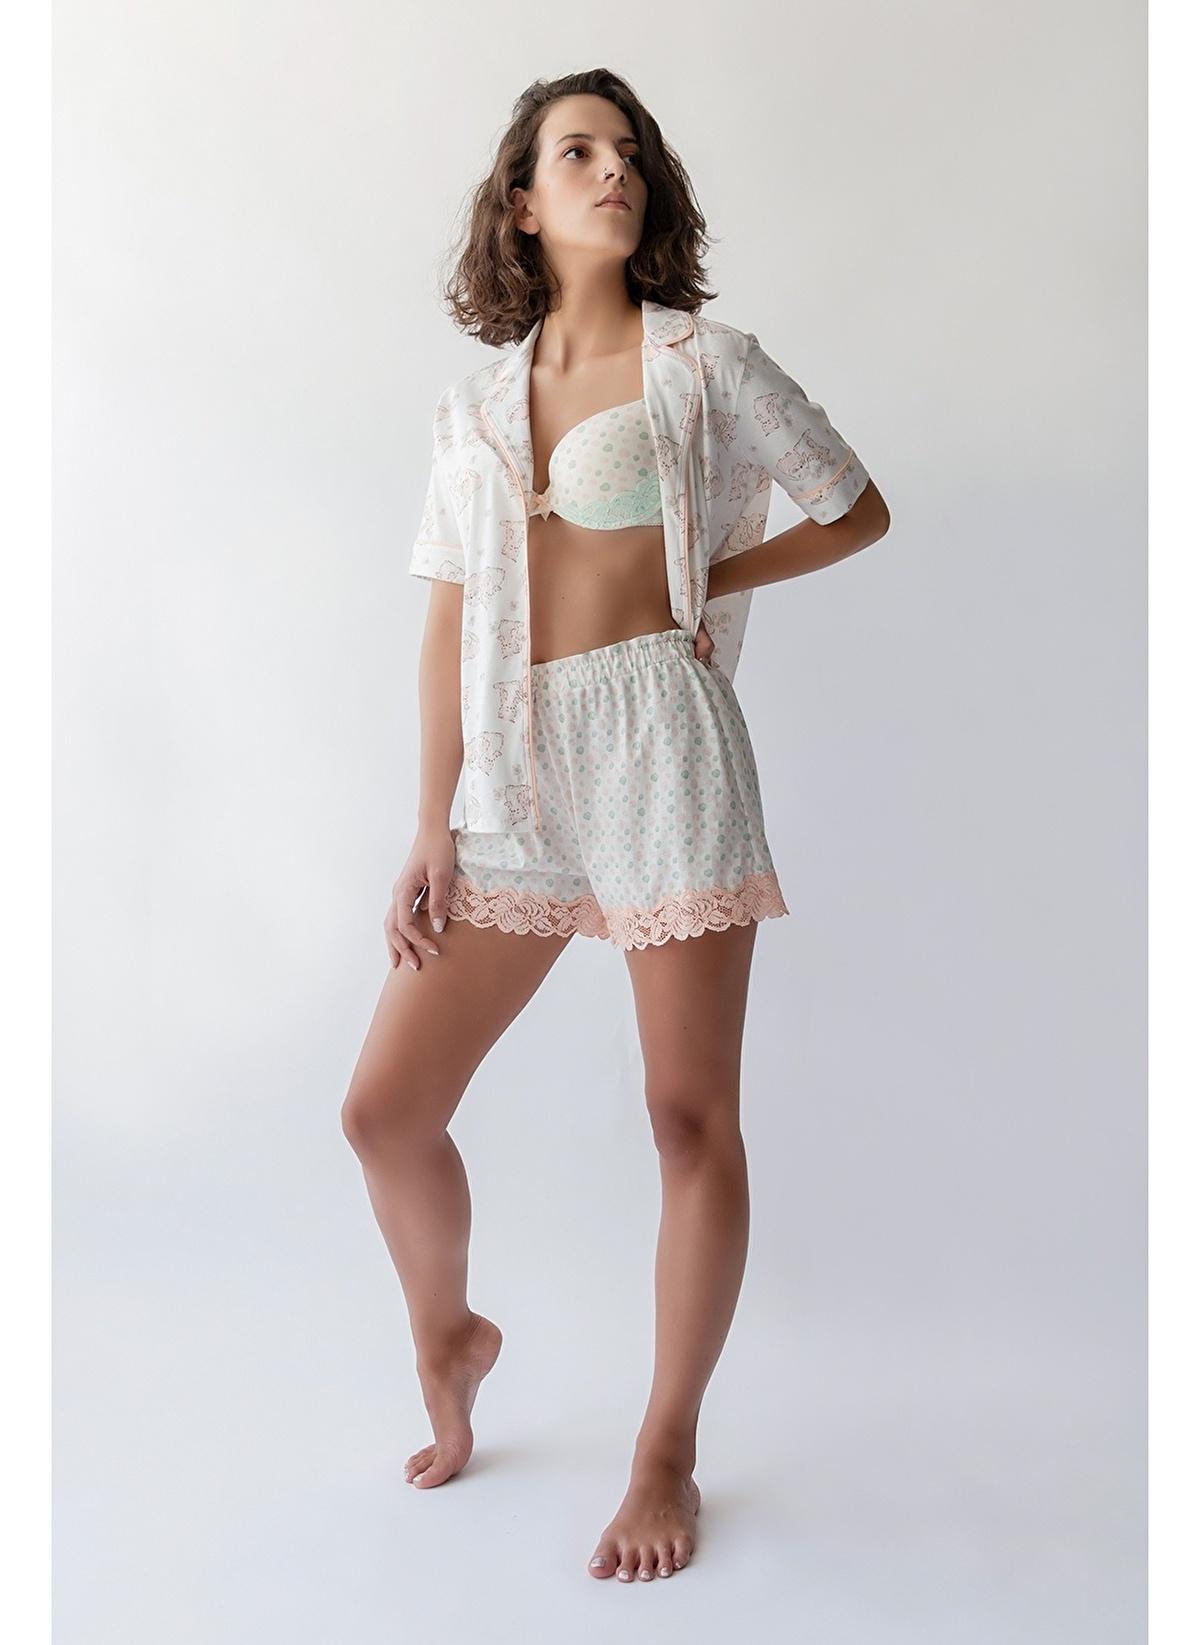 Hays Pijama Altı 29540-b131 Kadın Yüksek Bel Dantel Detay – 89.99 TL